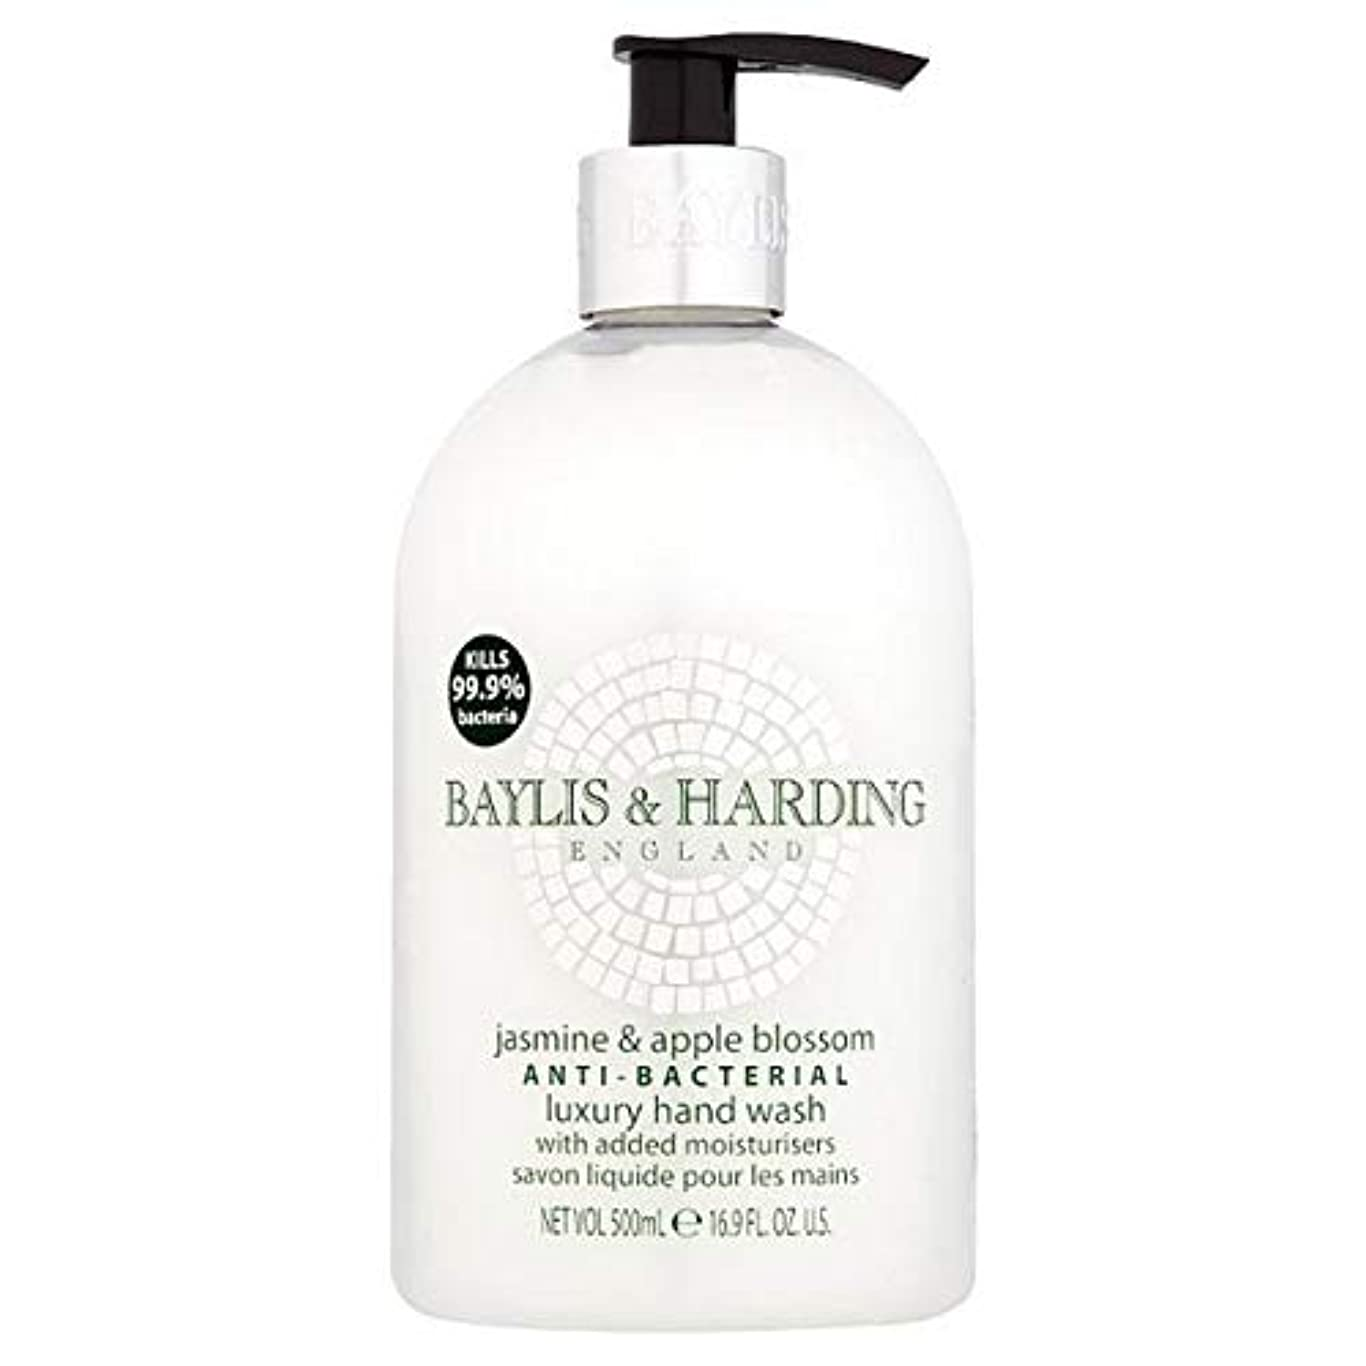 遺産値する競合他社選手[Baylis & Harding ] ベイリス&ハーディング署名抗菌手洗い用500ミリリットル - Baylis & Harding Signature Antibacterial Hand Wash 500ml [並行輸入品]